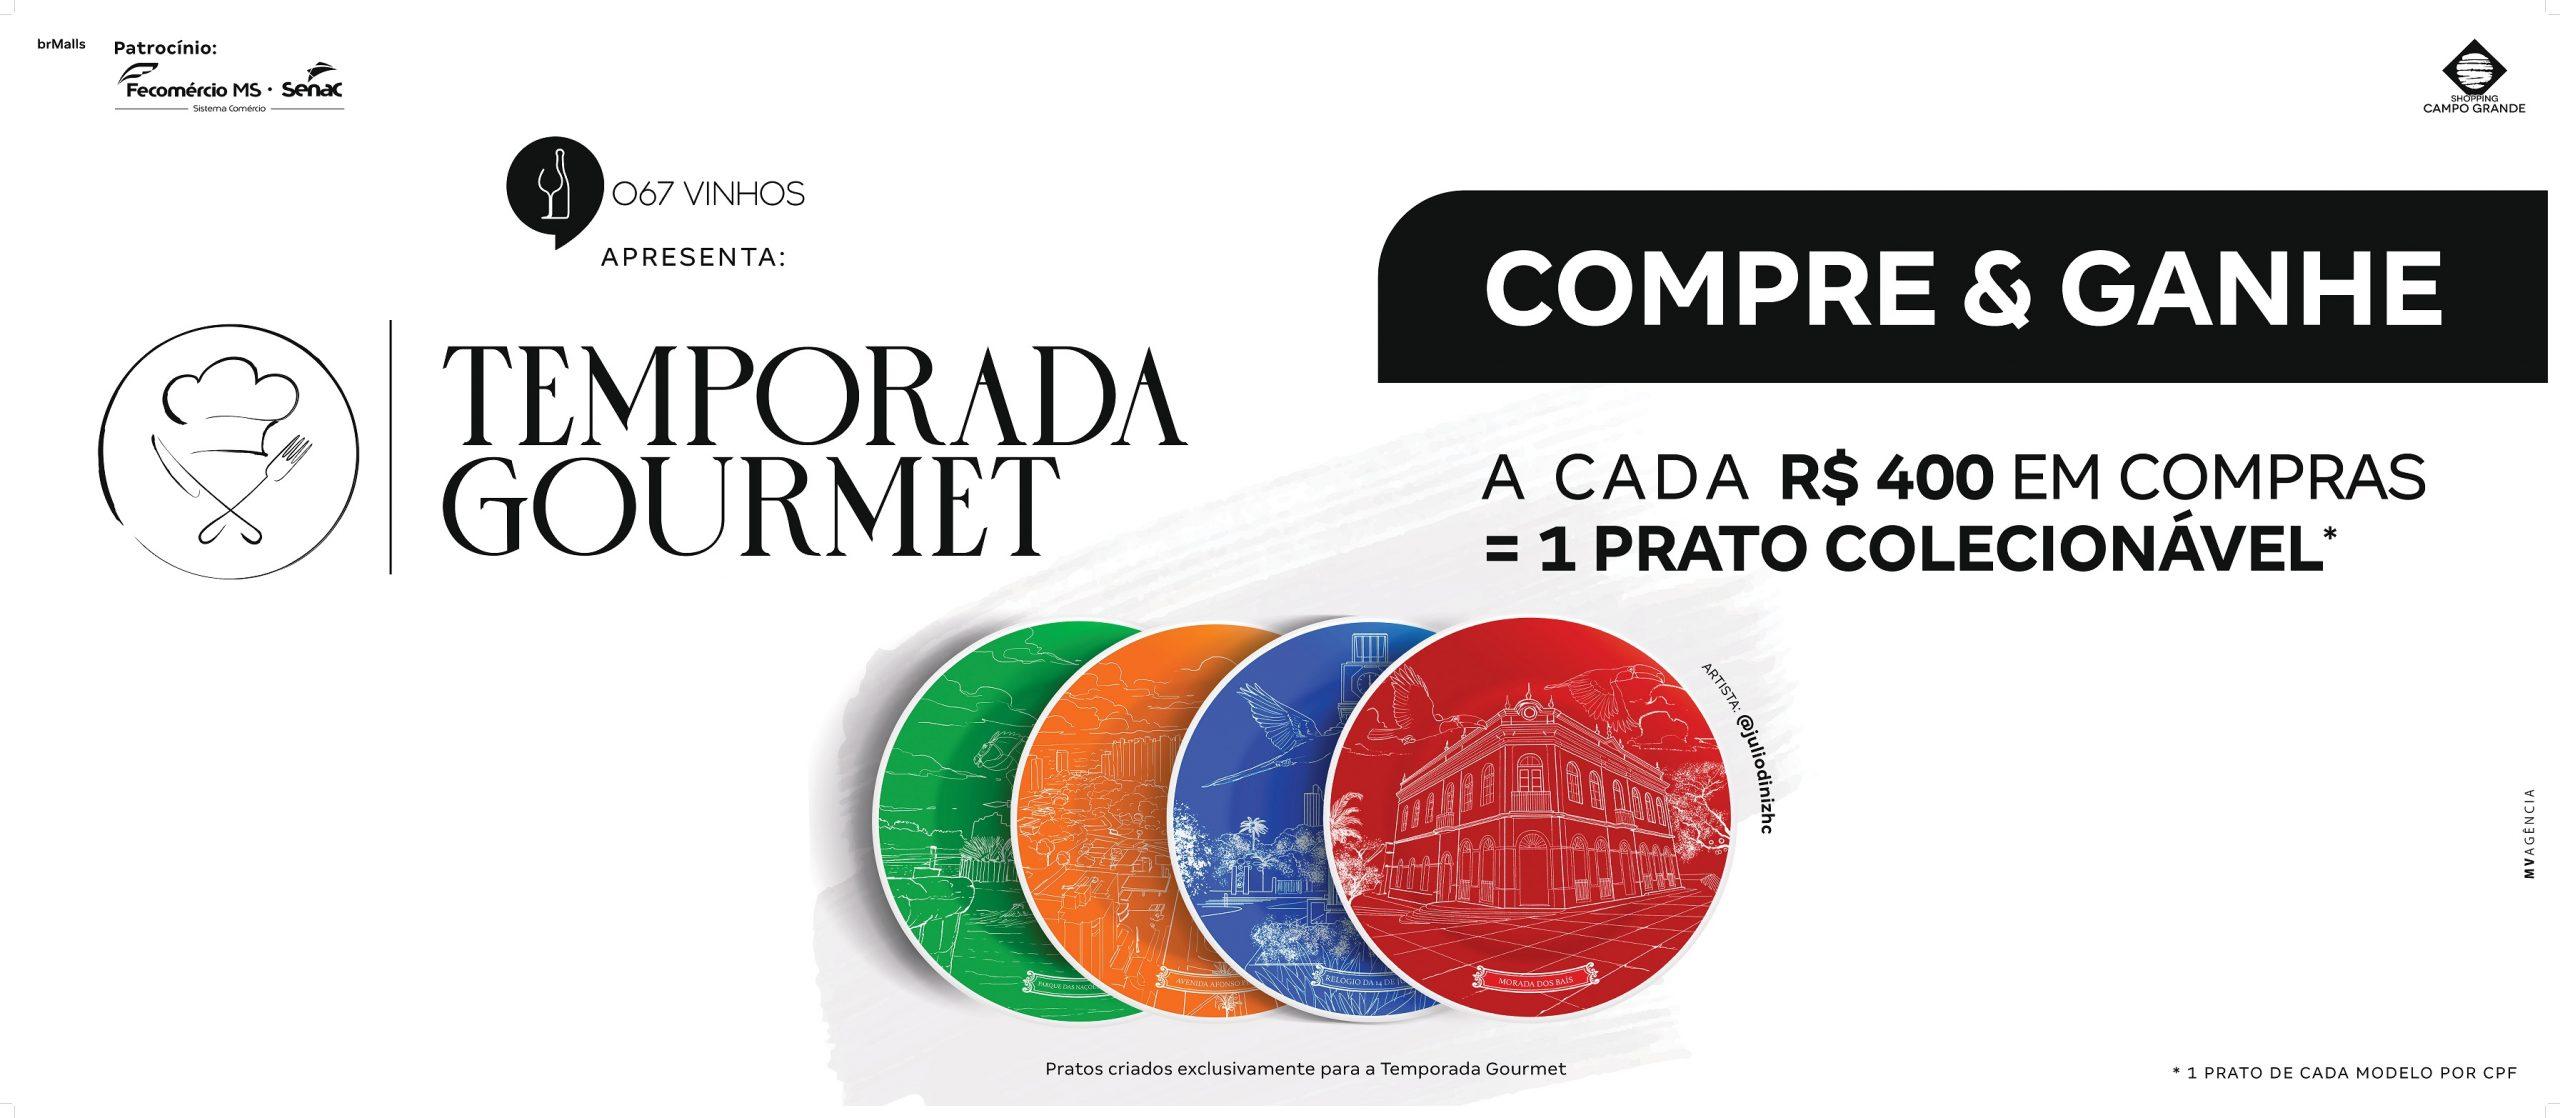 temporada-gourmet-shopping-campo-grande-promoção-pratos-combos-preços-únicos-pratos-colecionáveis-campo-grande-ms-2021